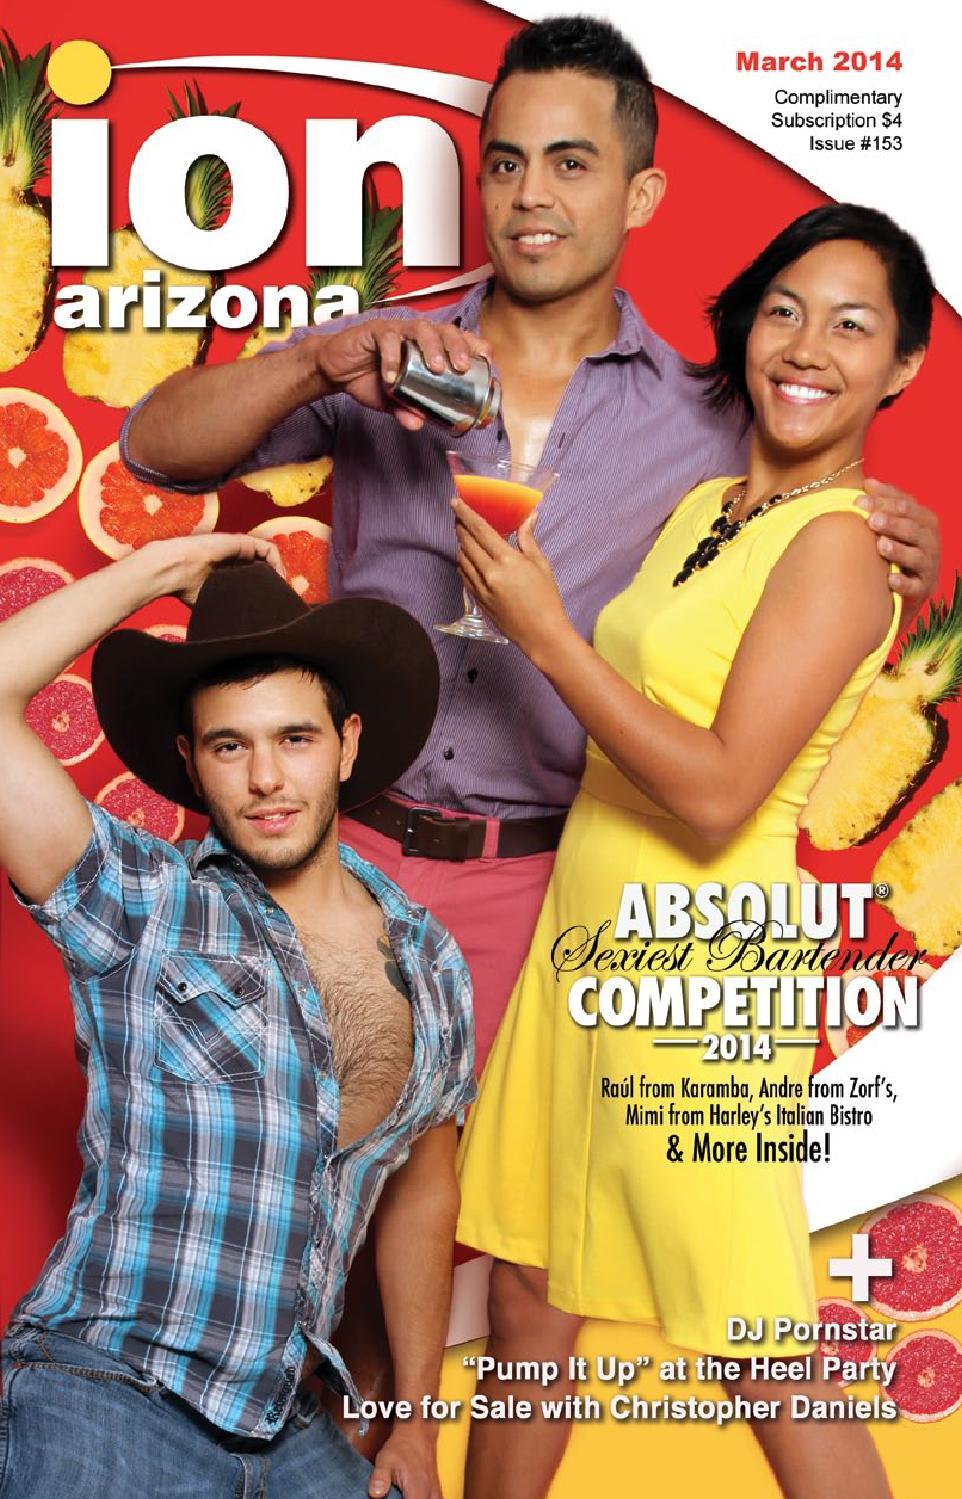 Candela X Escort mimi escort arizona natural busty escorts – comspec marketing